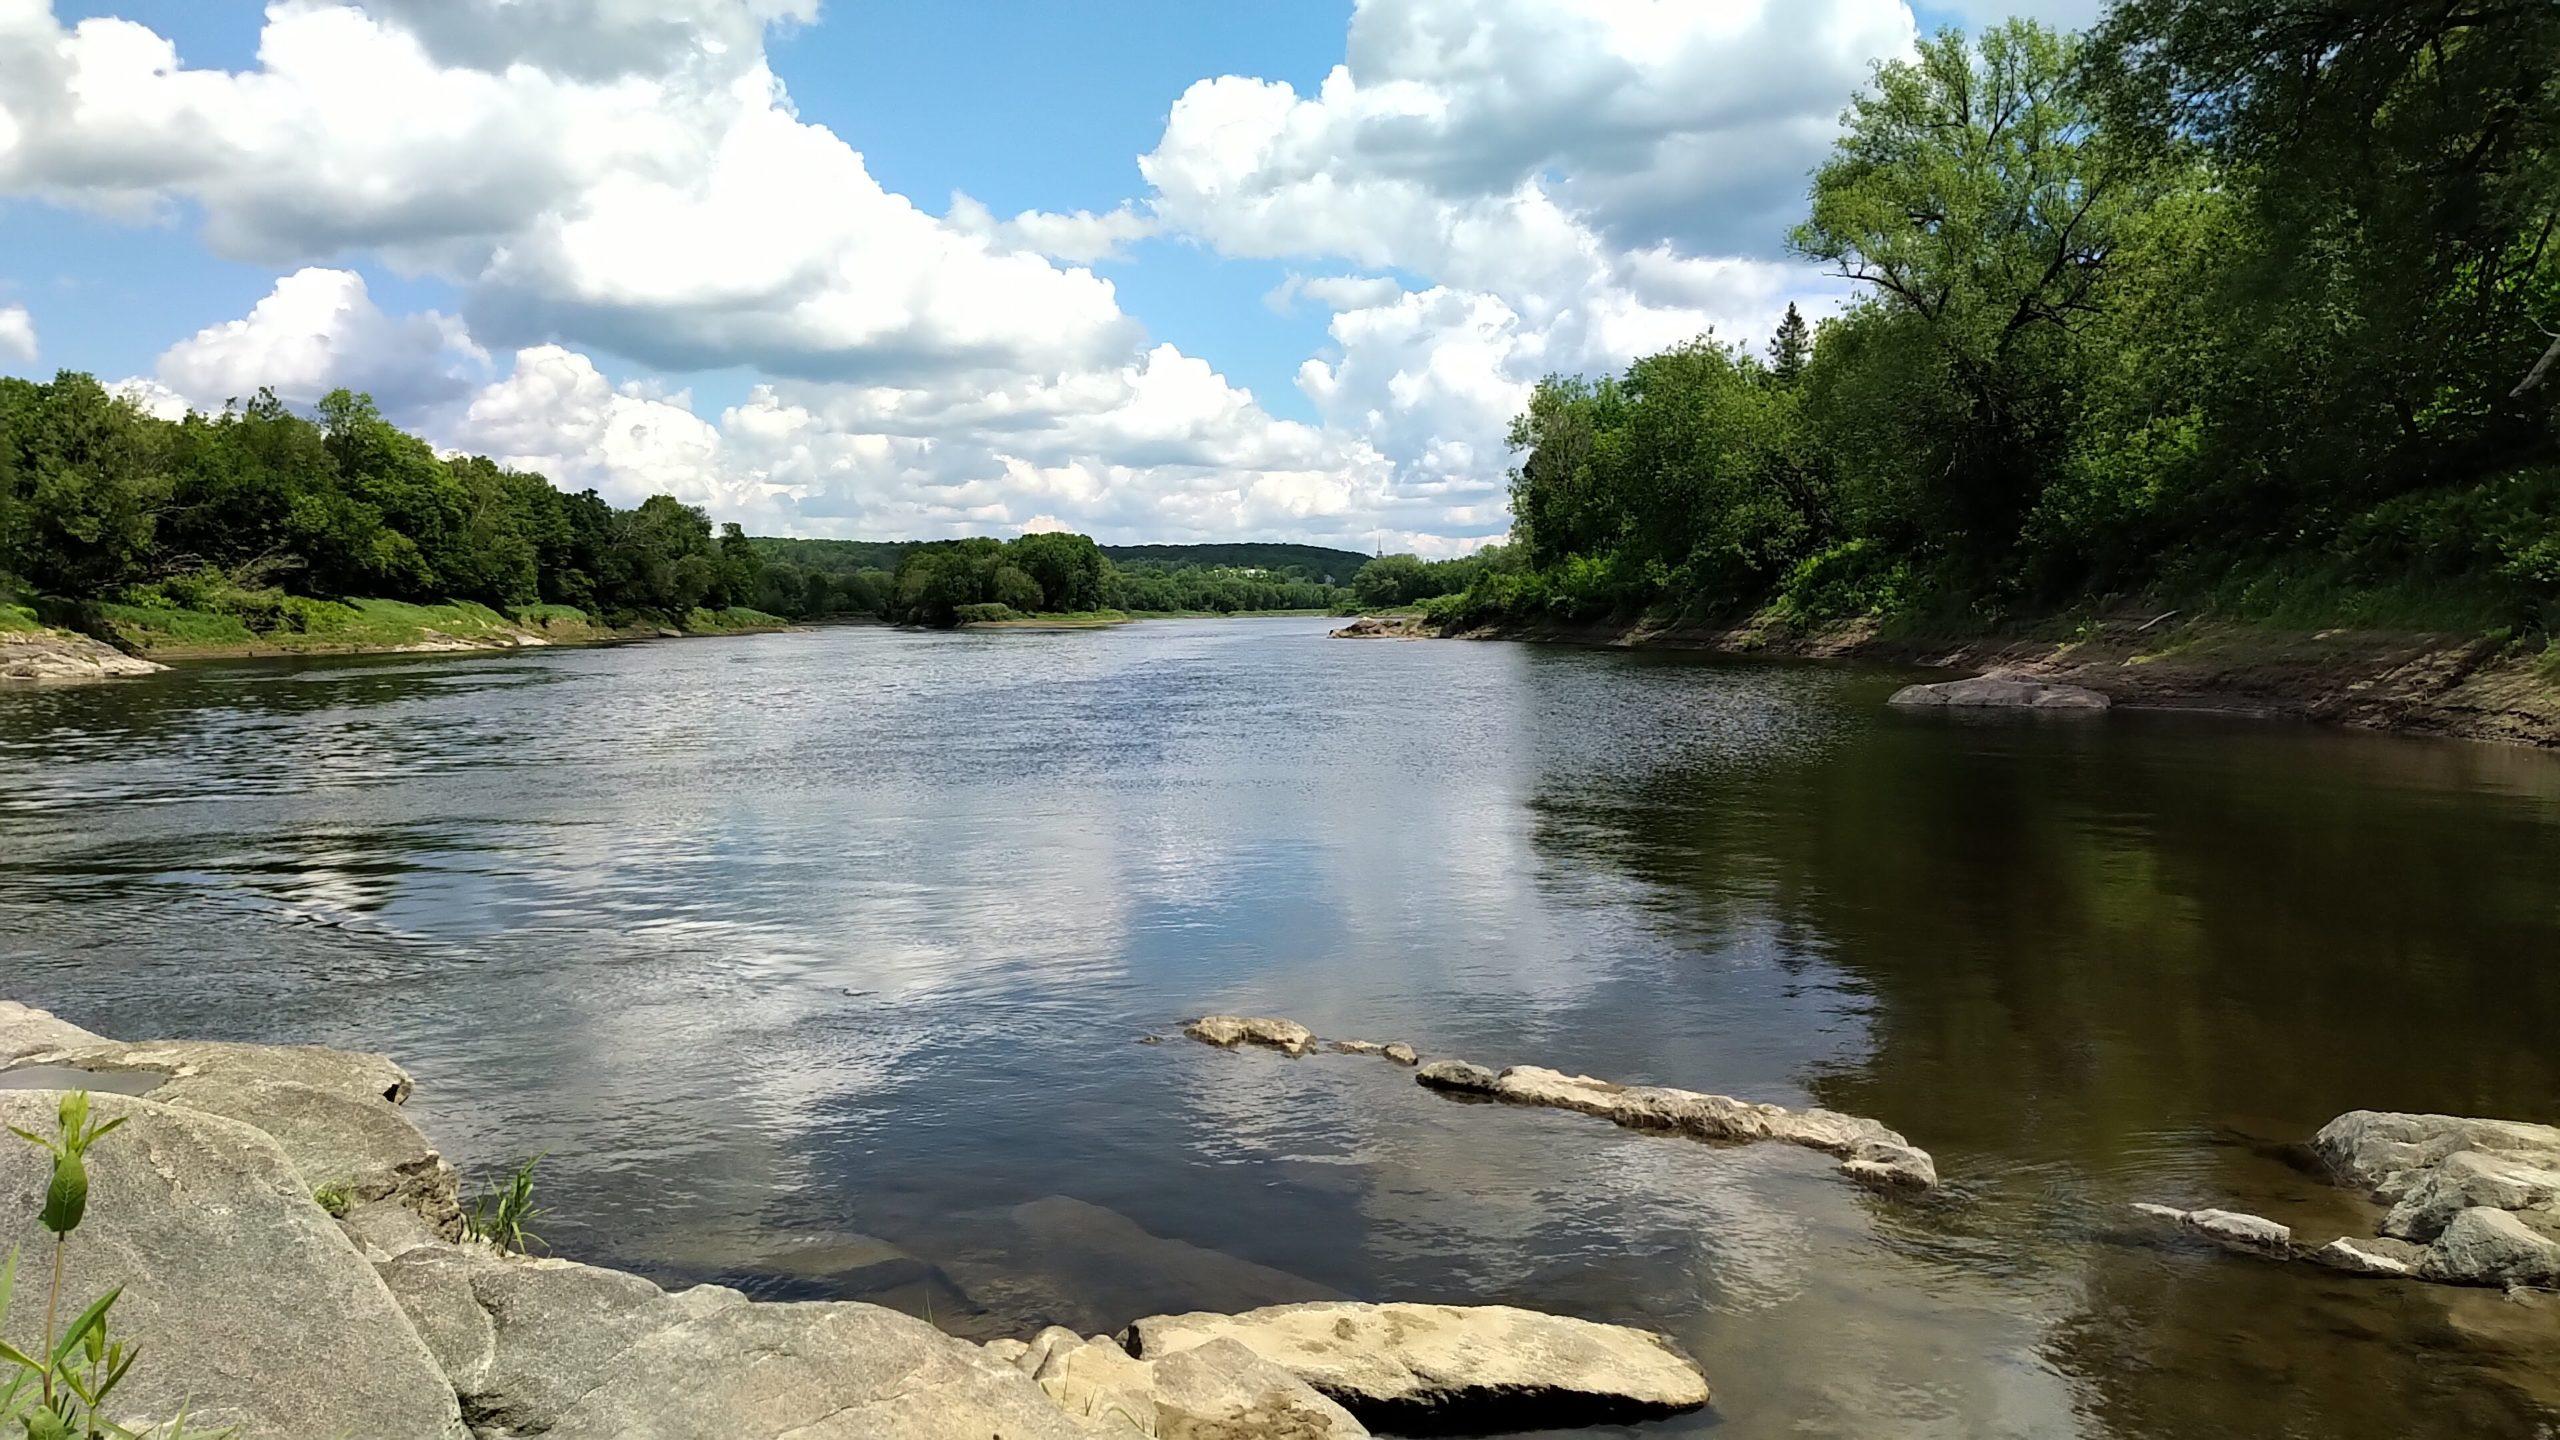 (Français) La rivière Saint-François se refait une beauté à Richmond